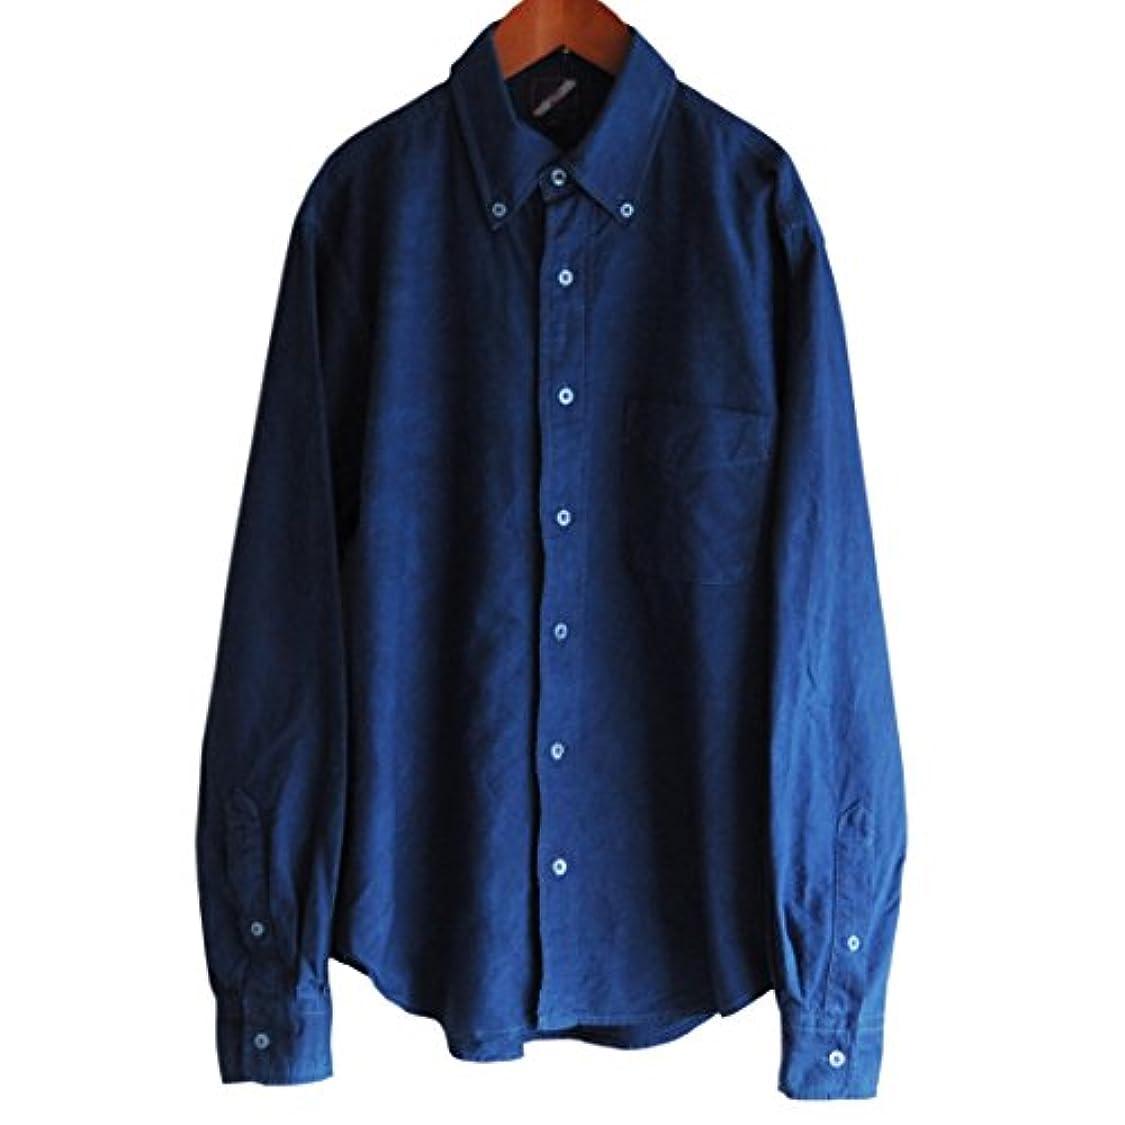 たらい持っているマーチャンダイジングメンズ琉球藍染めボタンダウン長袖オックスフォードシャツ